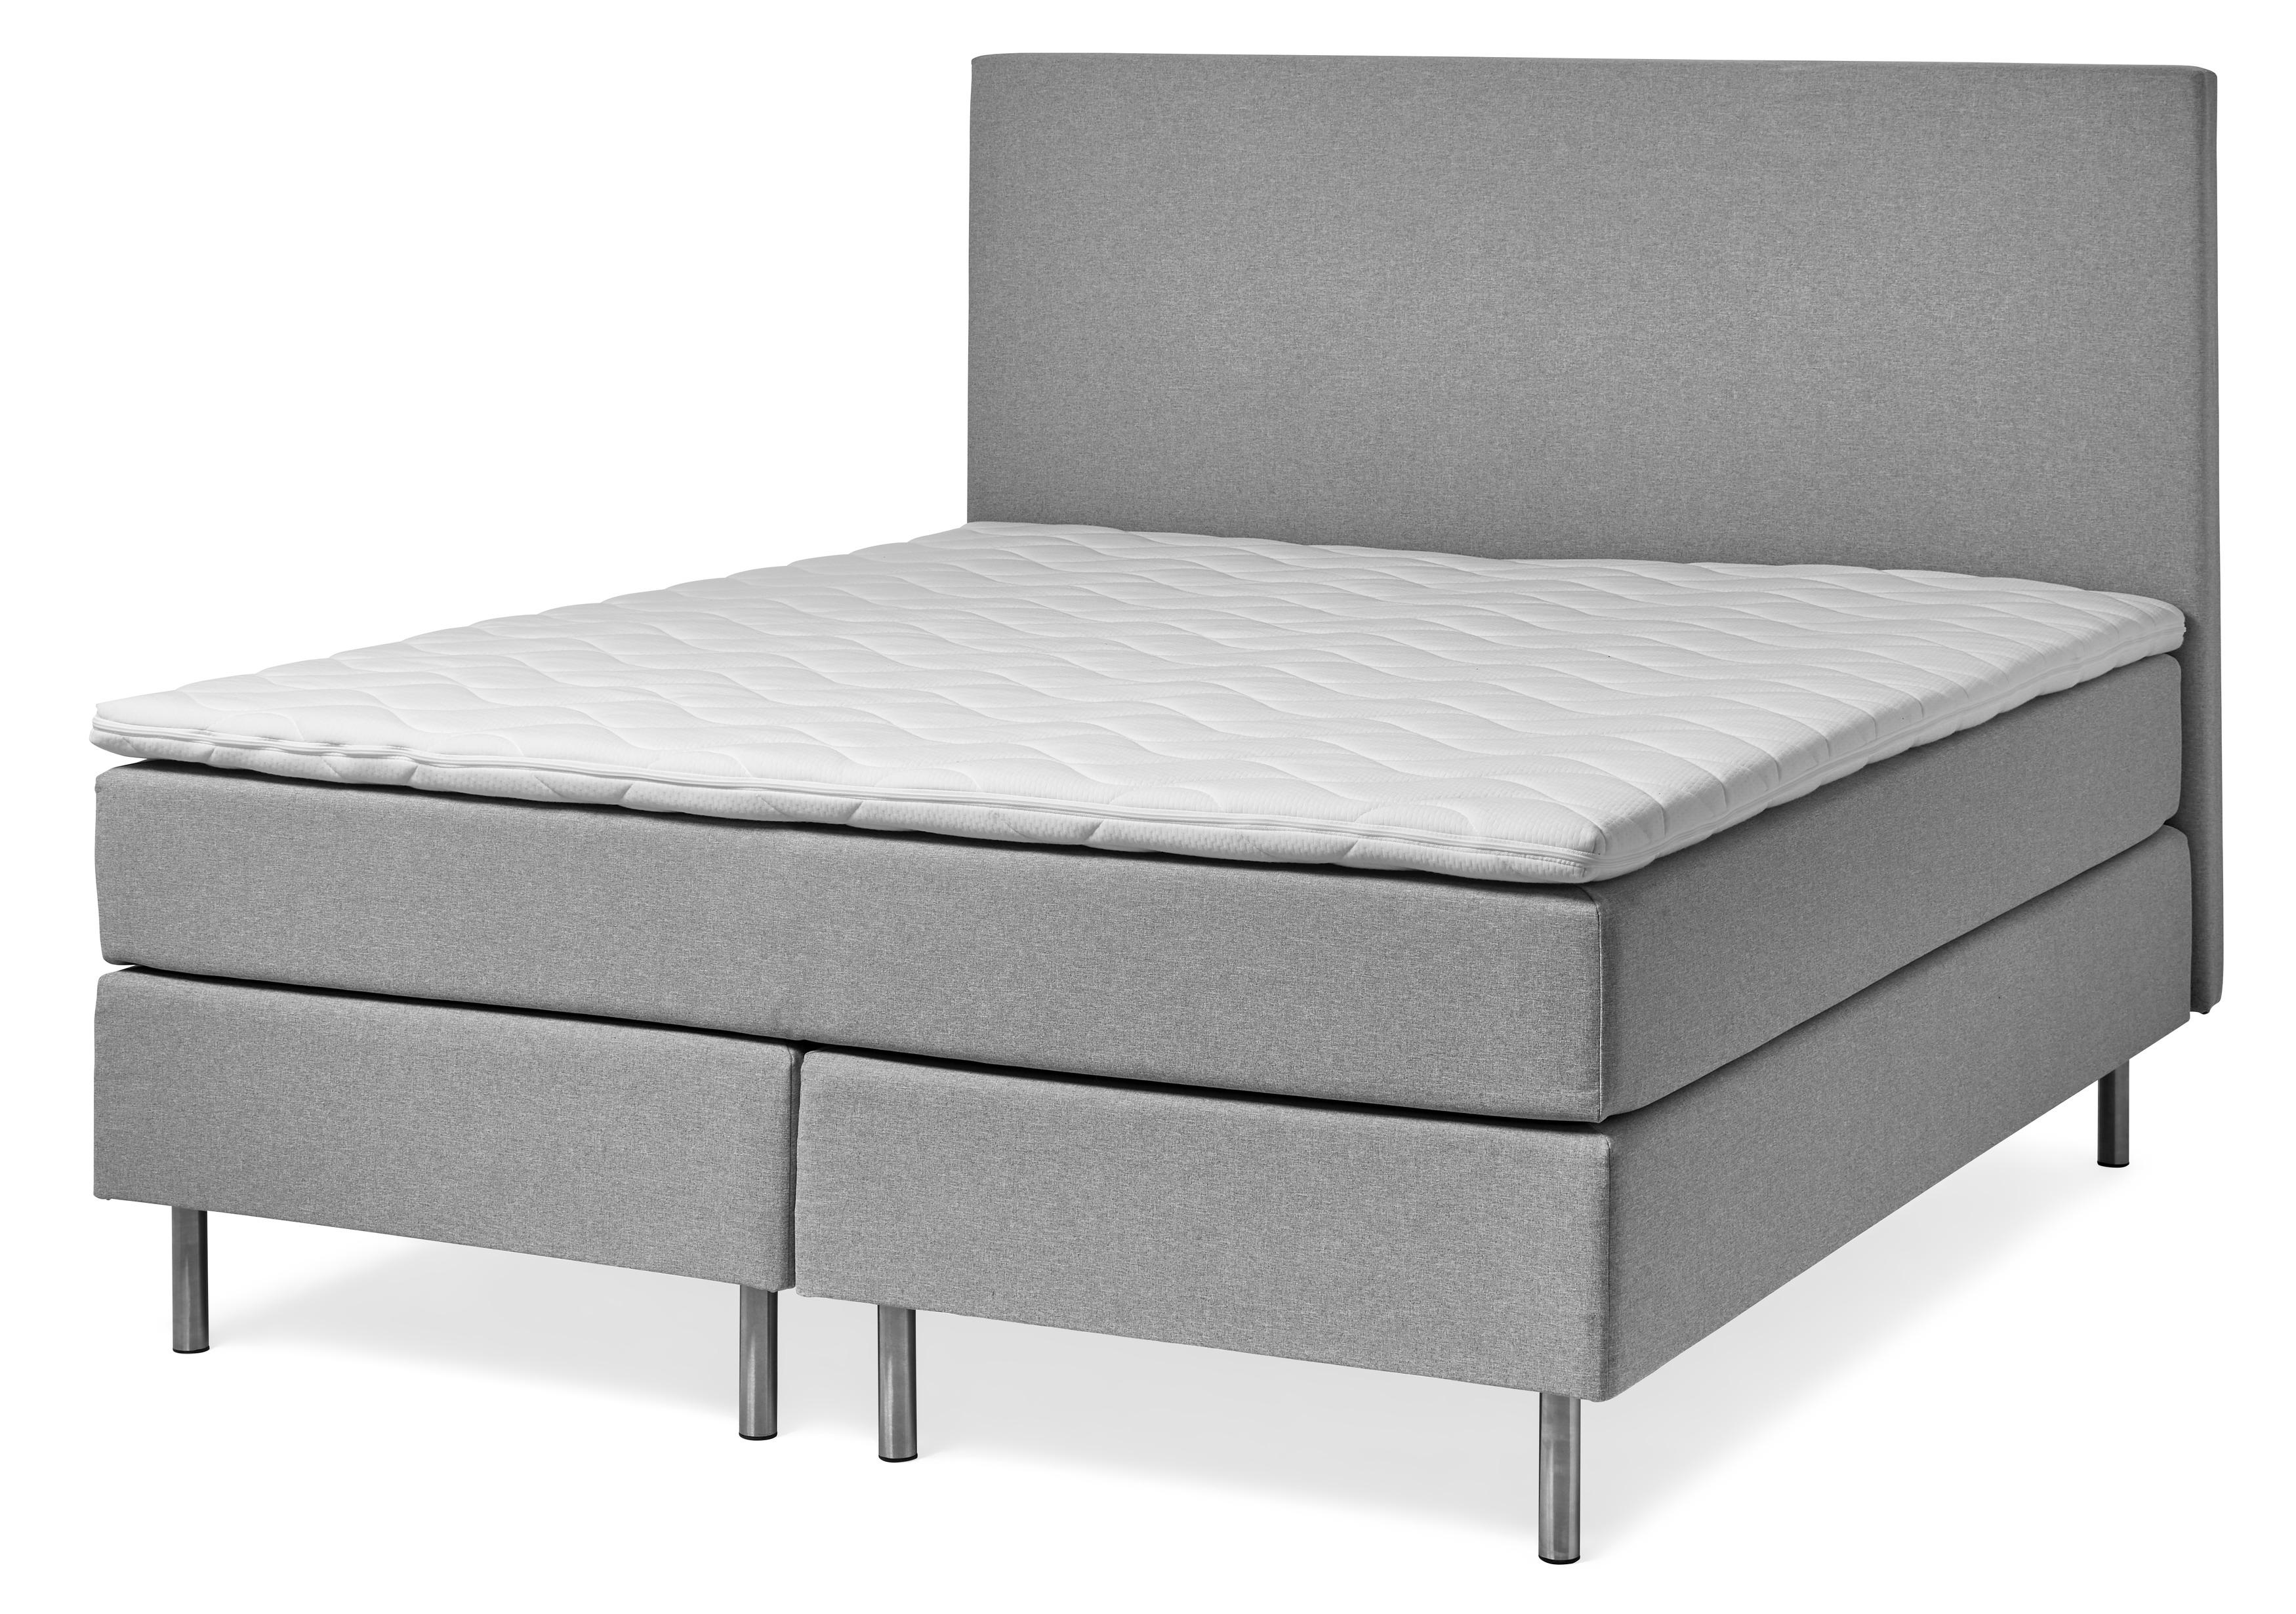 köpa säng 210 cm